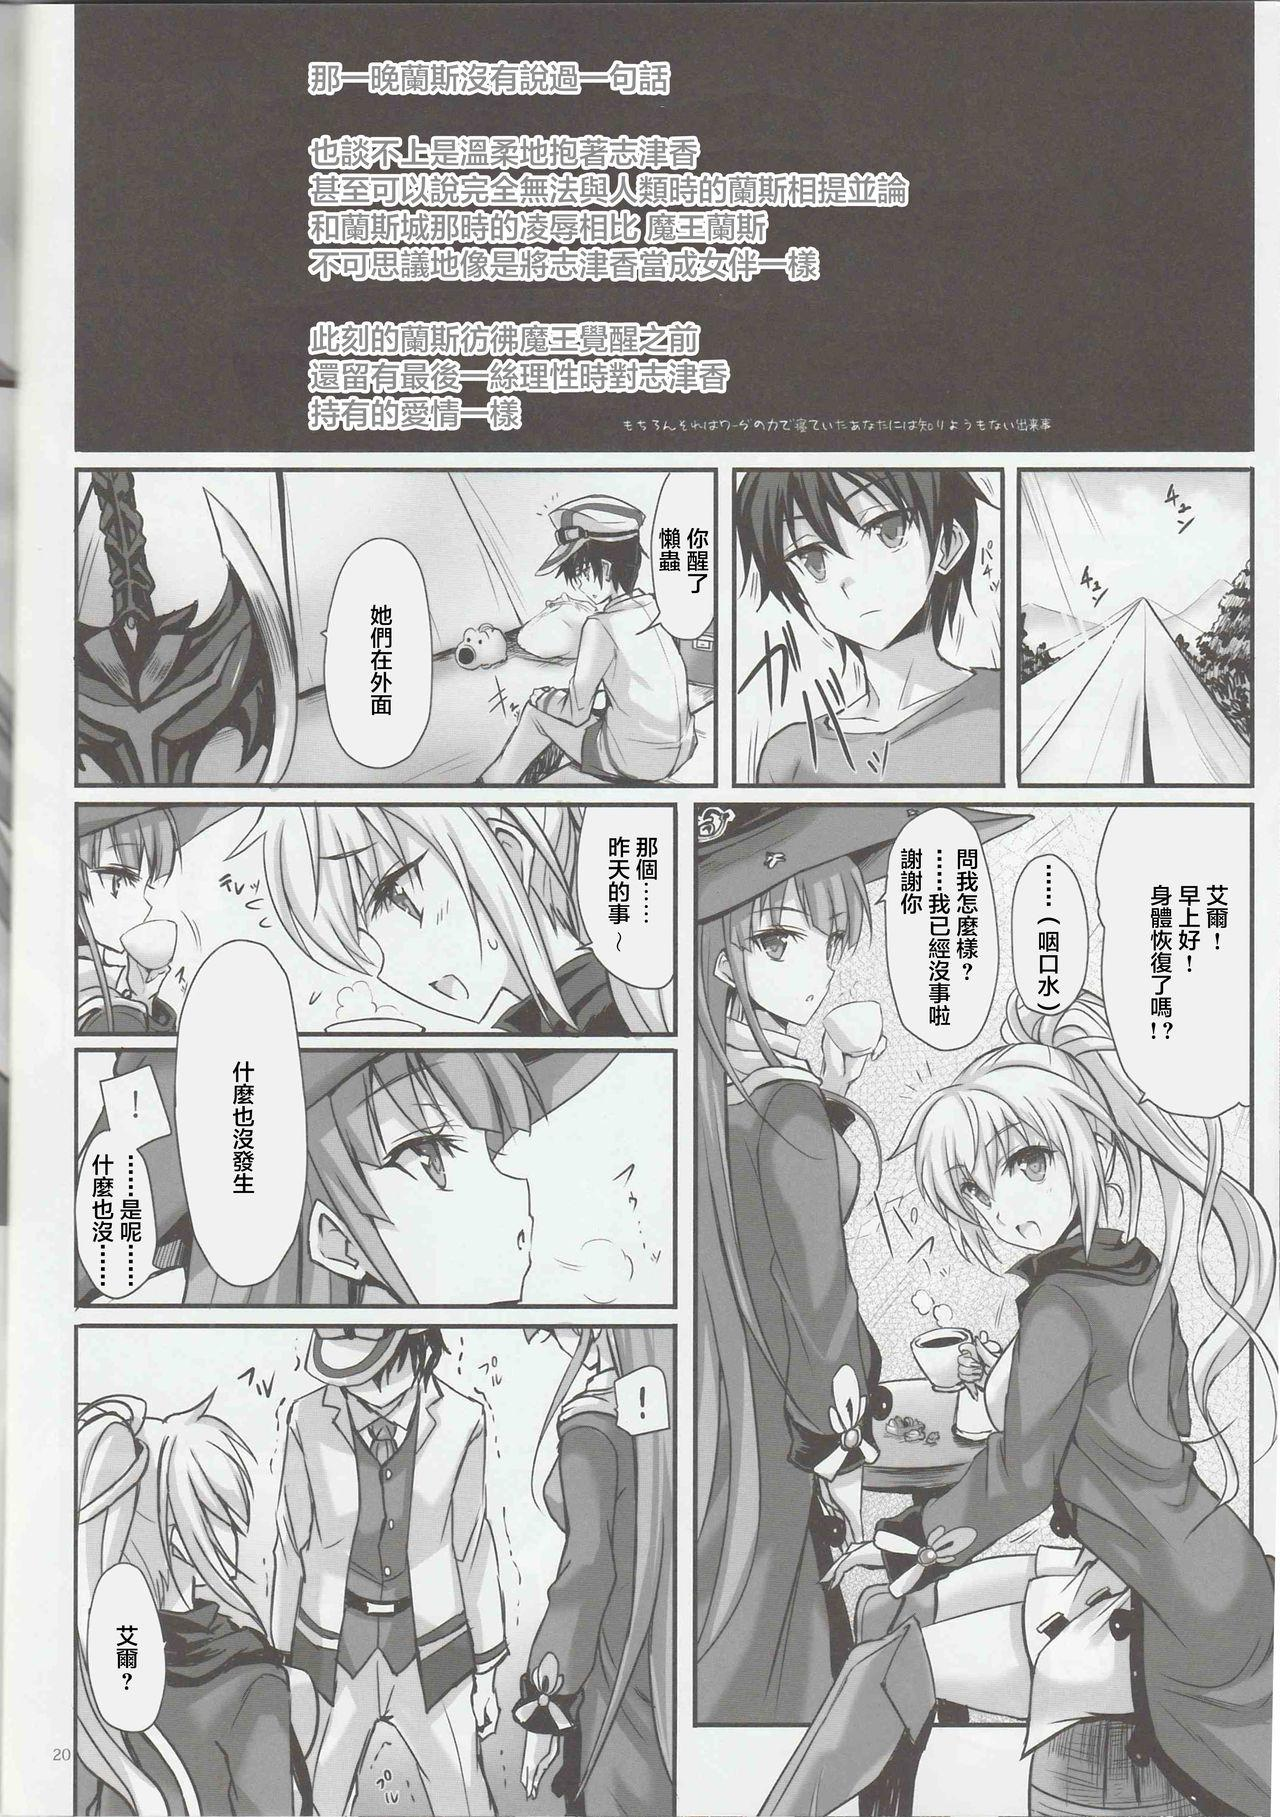 Anata no, Yasashikute Daisuki na Onee-chans.   溫柔賢惠的姐姐 送給最愛她們的你。 19